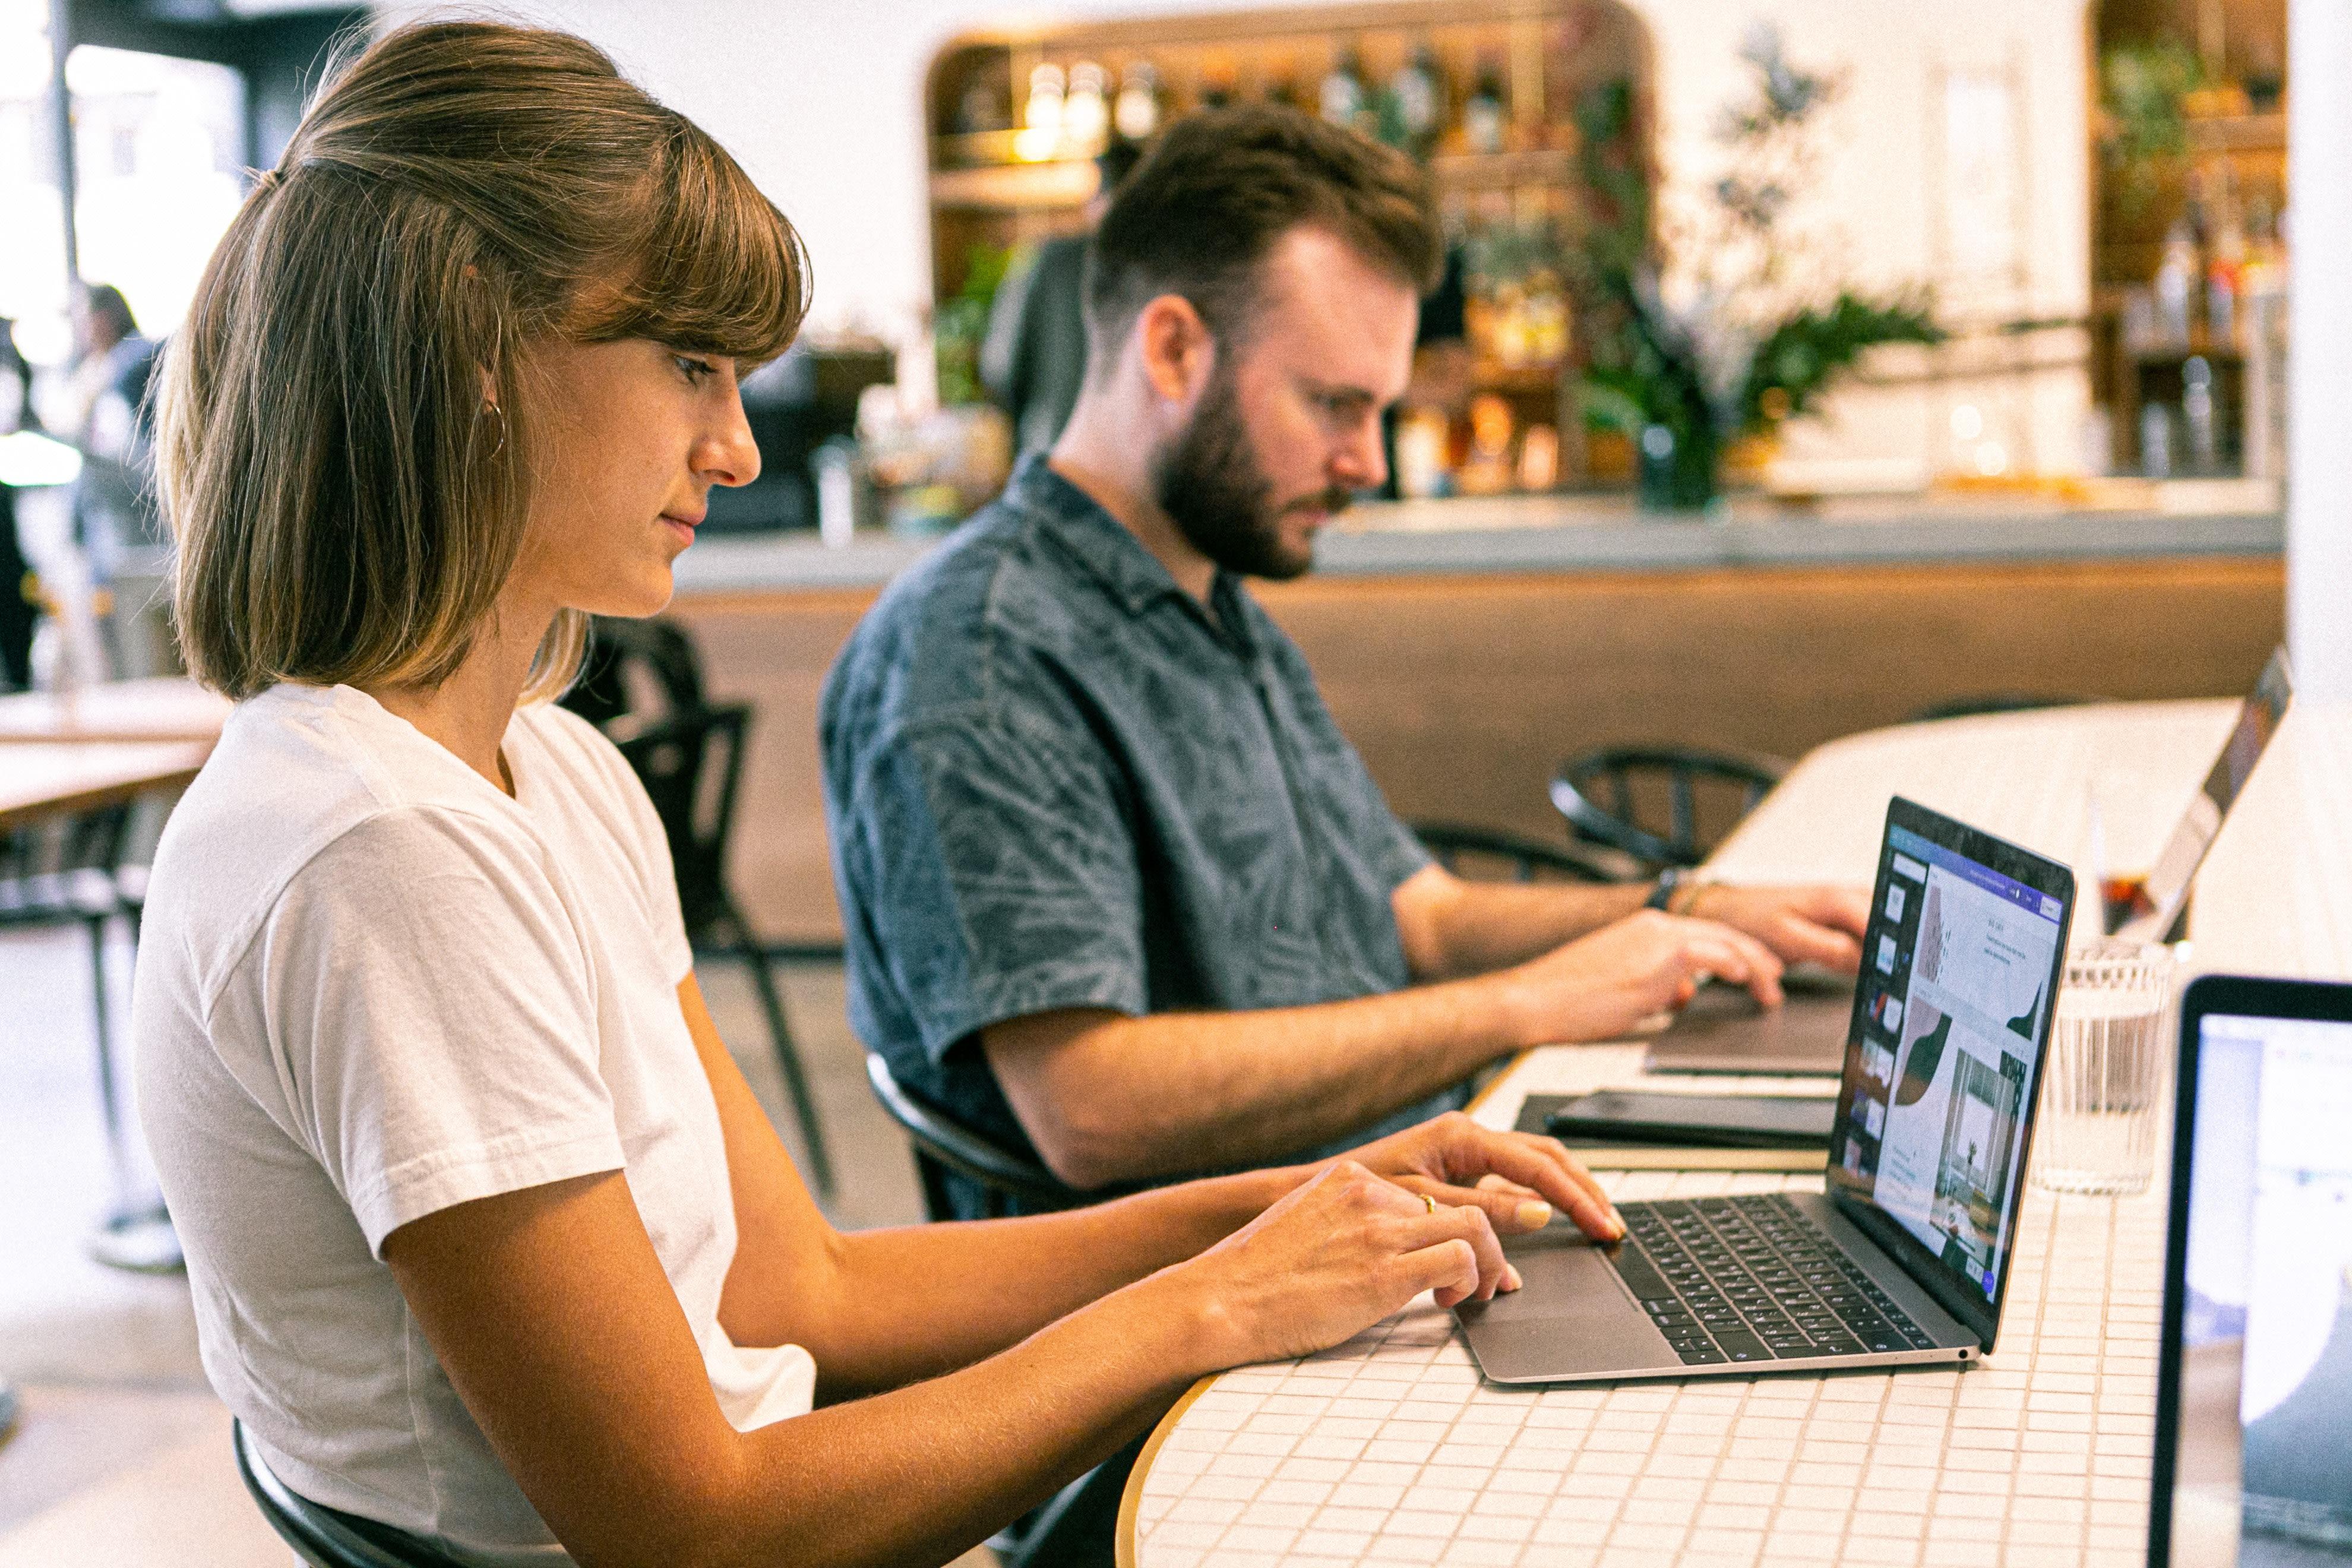 Frau und Mann sitzen mit Laptops an einem Tisch